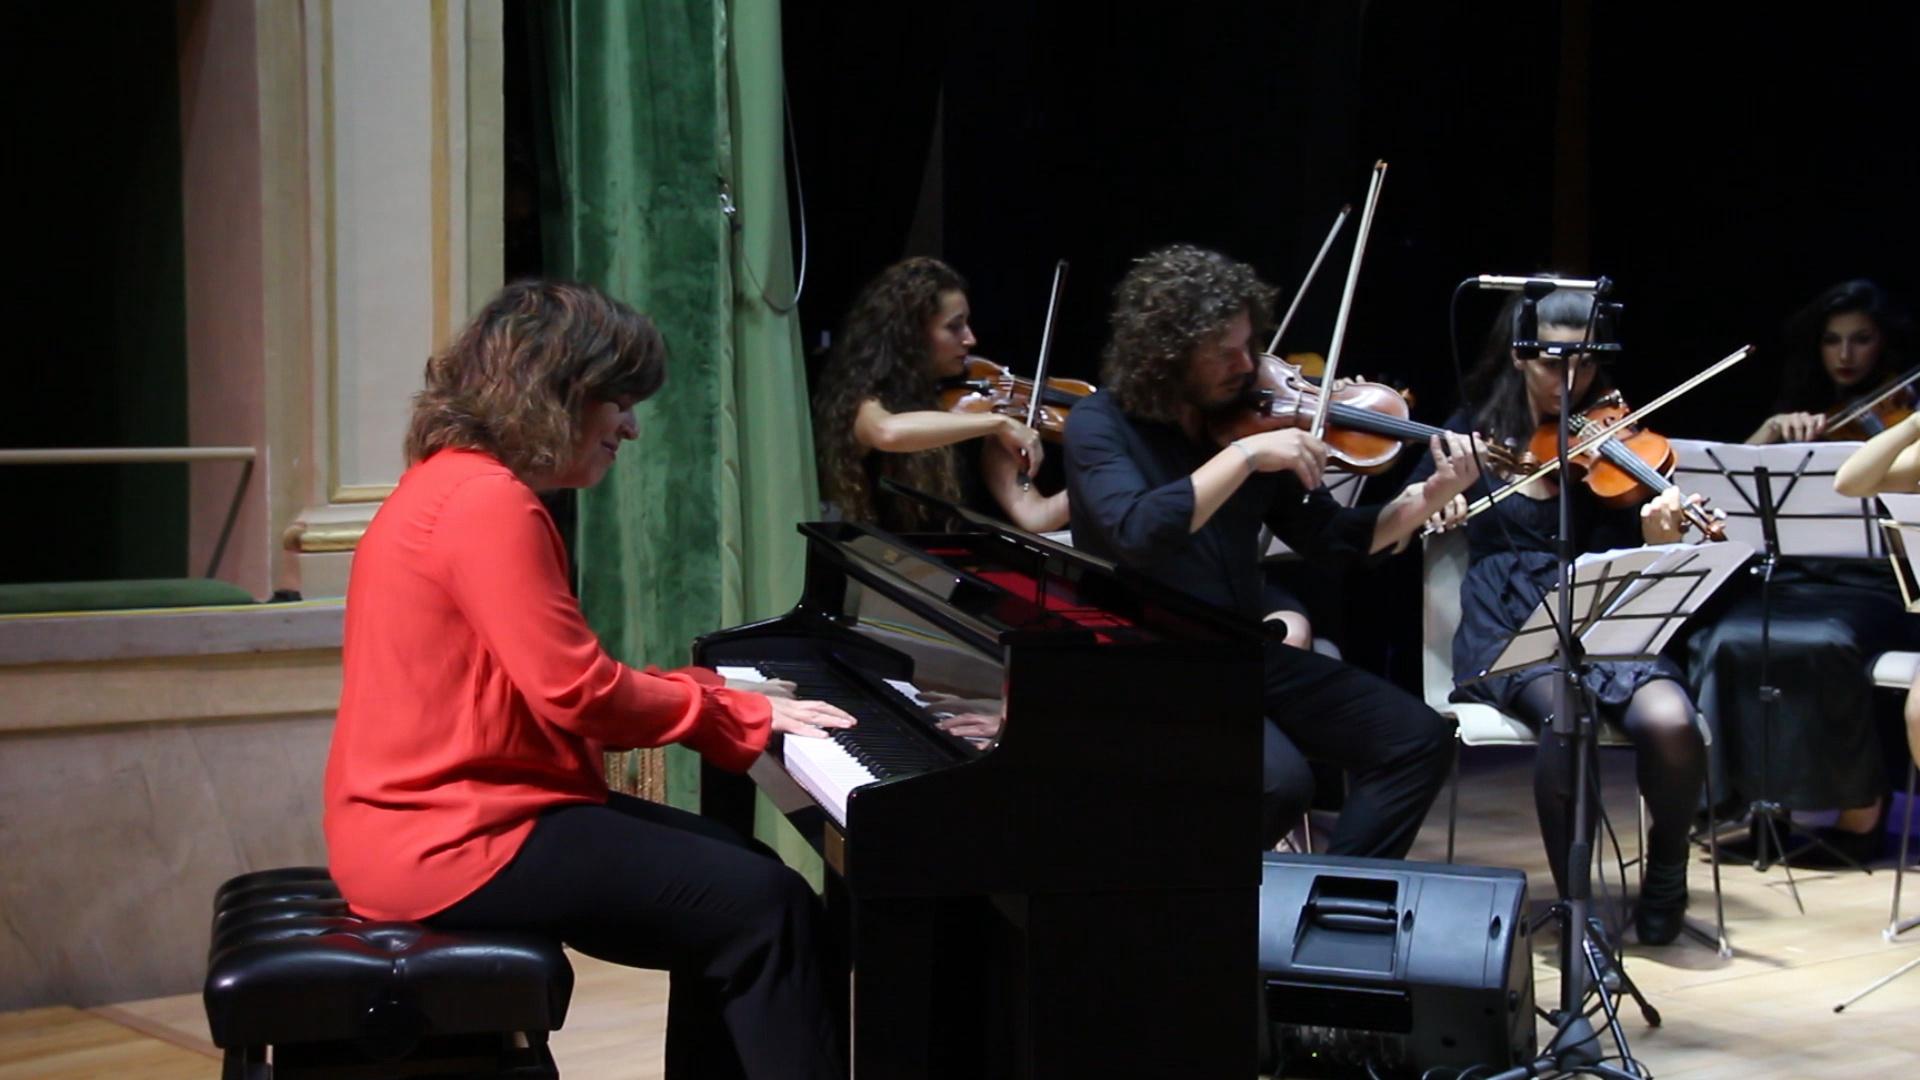 Lo stupore di Maria del Mar Cabezuelo Saenz alla comparsa dell'orchestra durante la sua esibizione